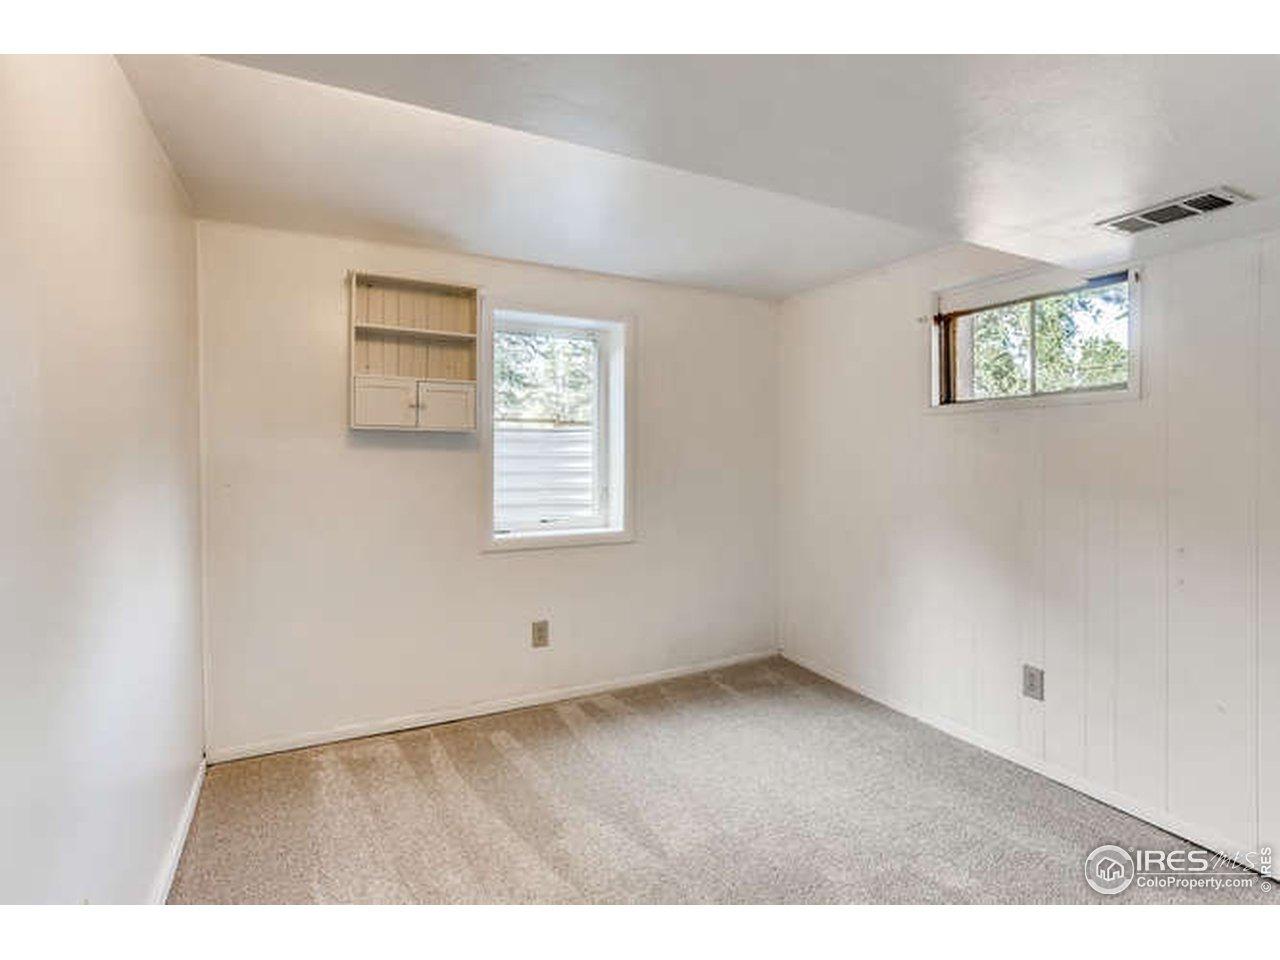 Basement Bedroom #4